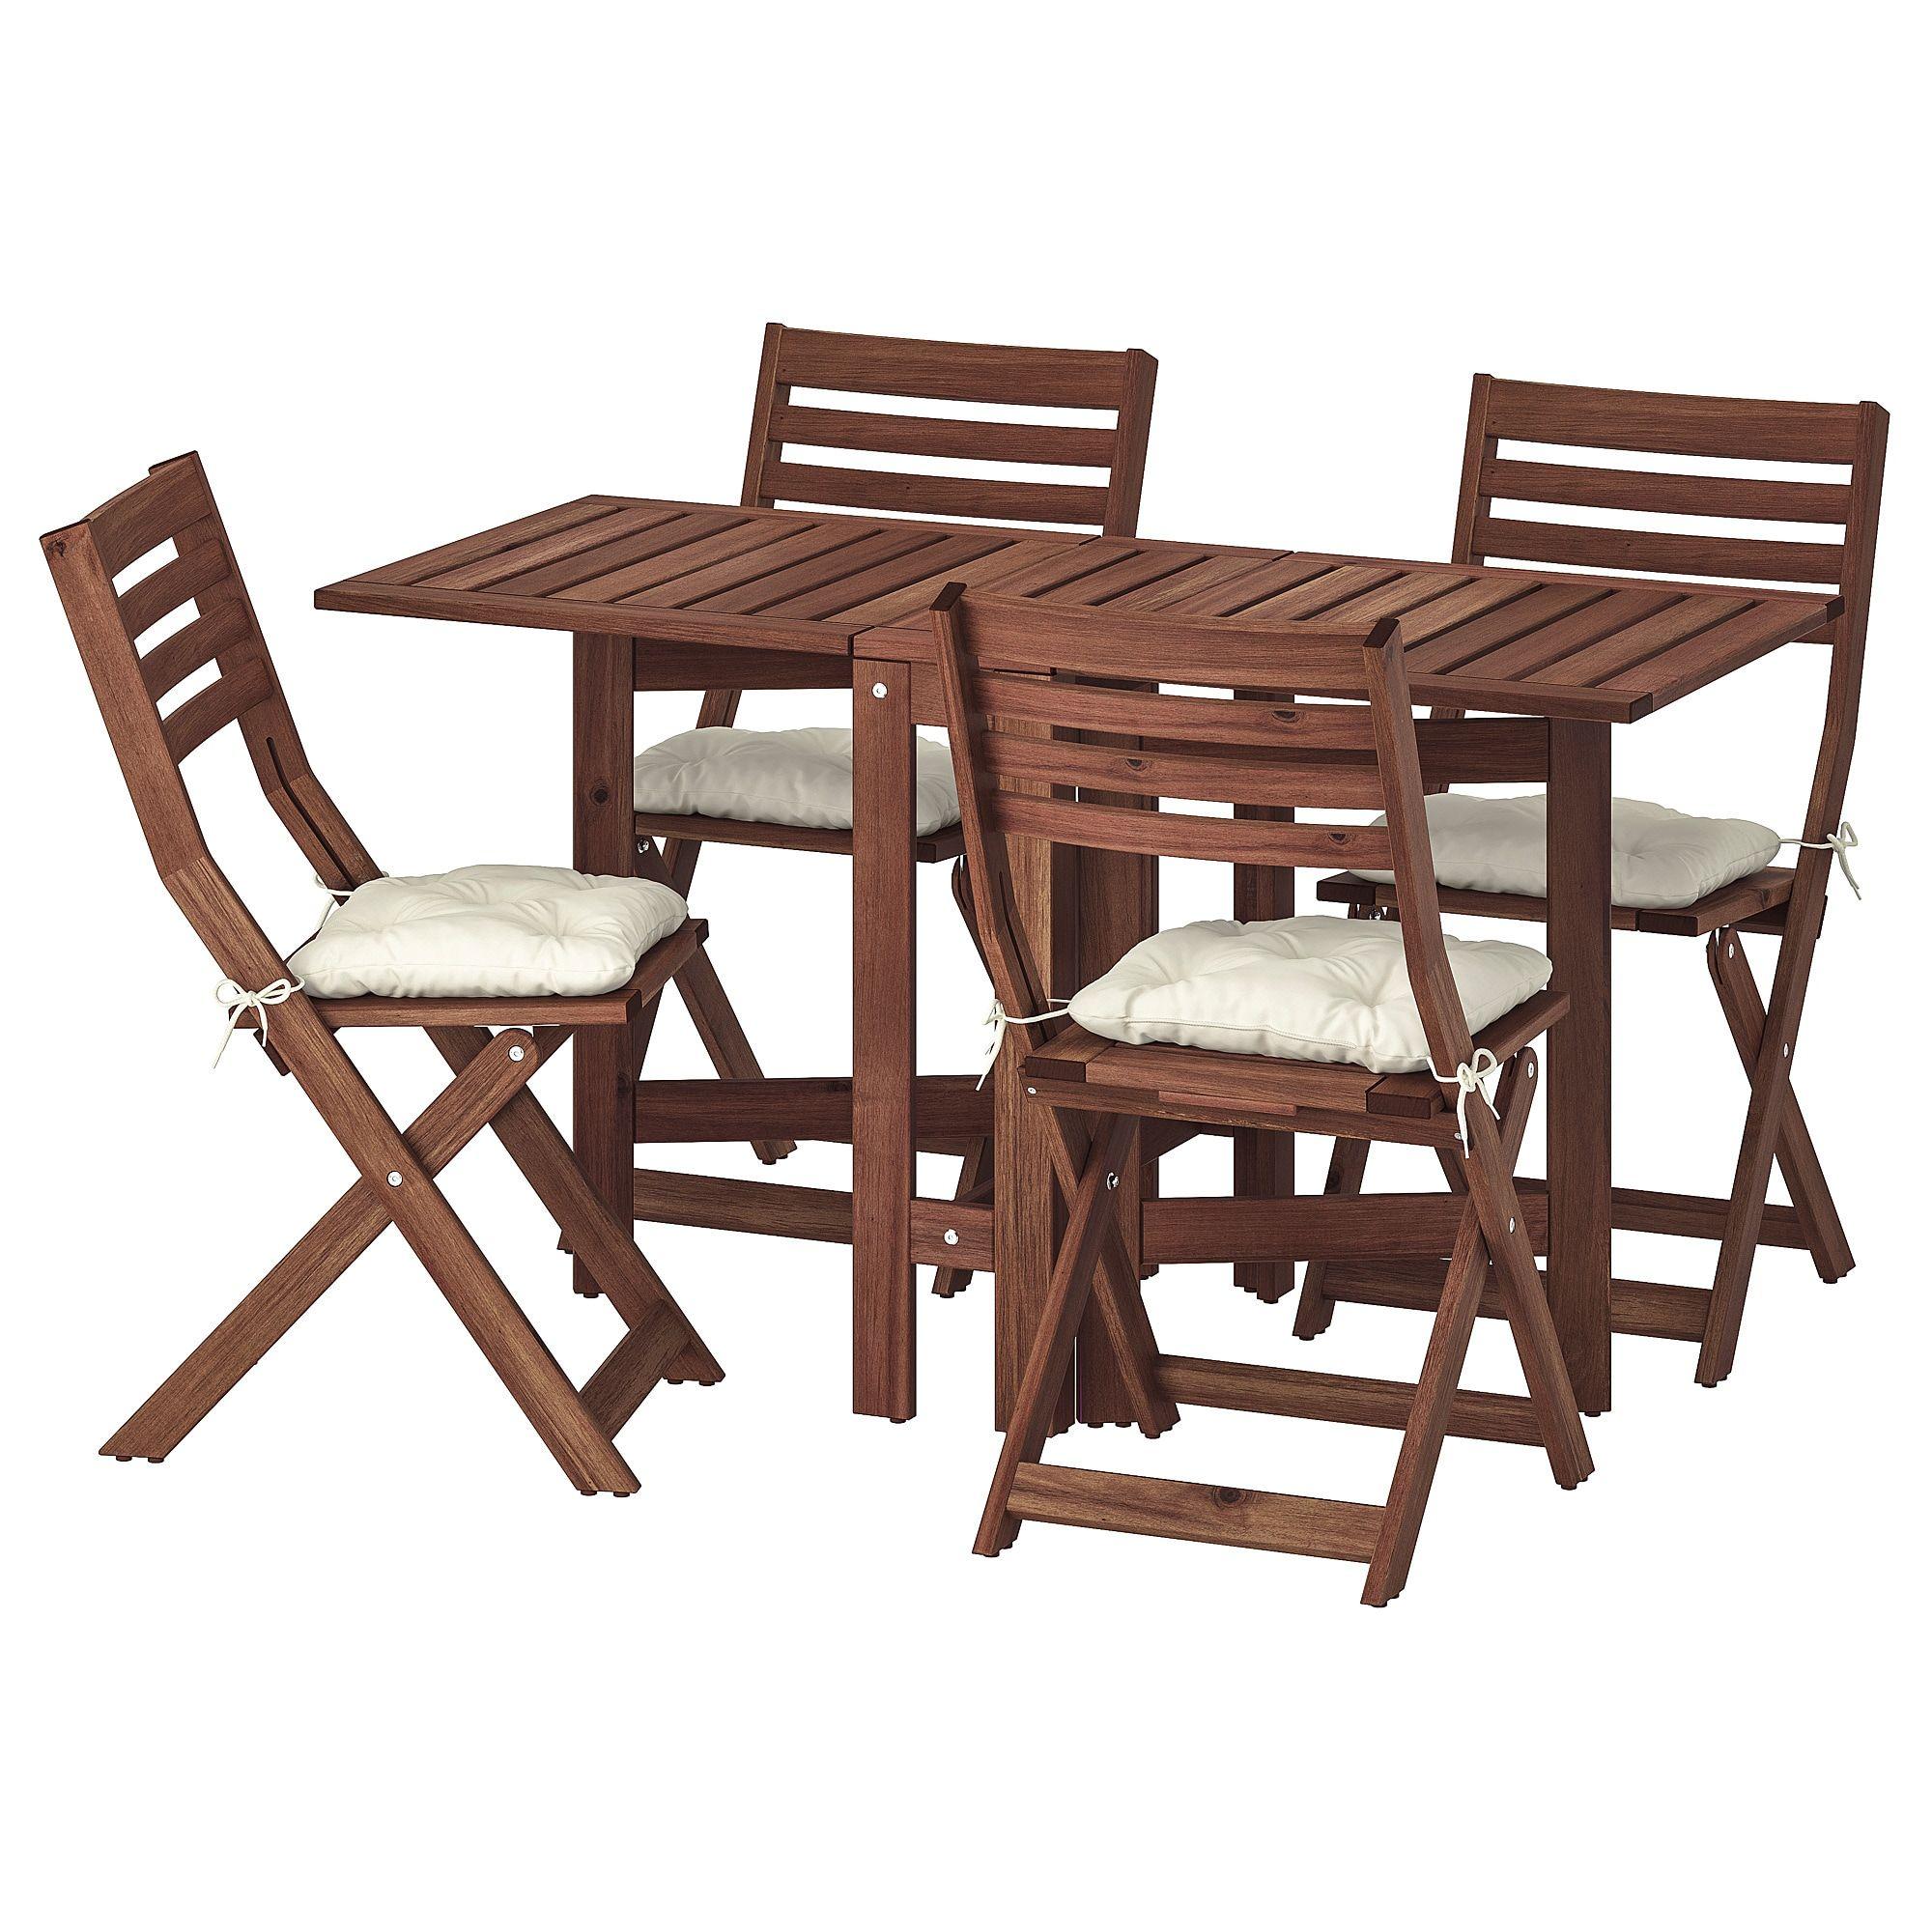 Applaro Tisch 4 Klappstuhle Aussen Braun Las Kuddarna Beige